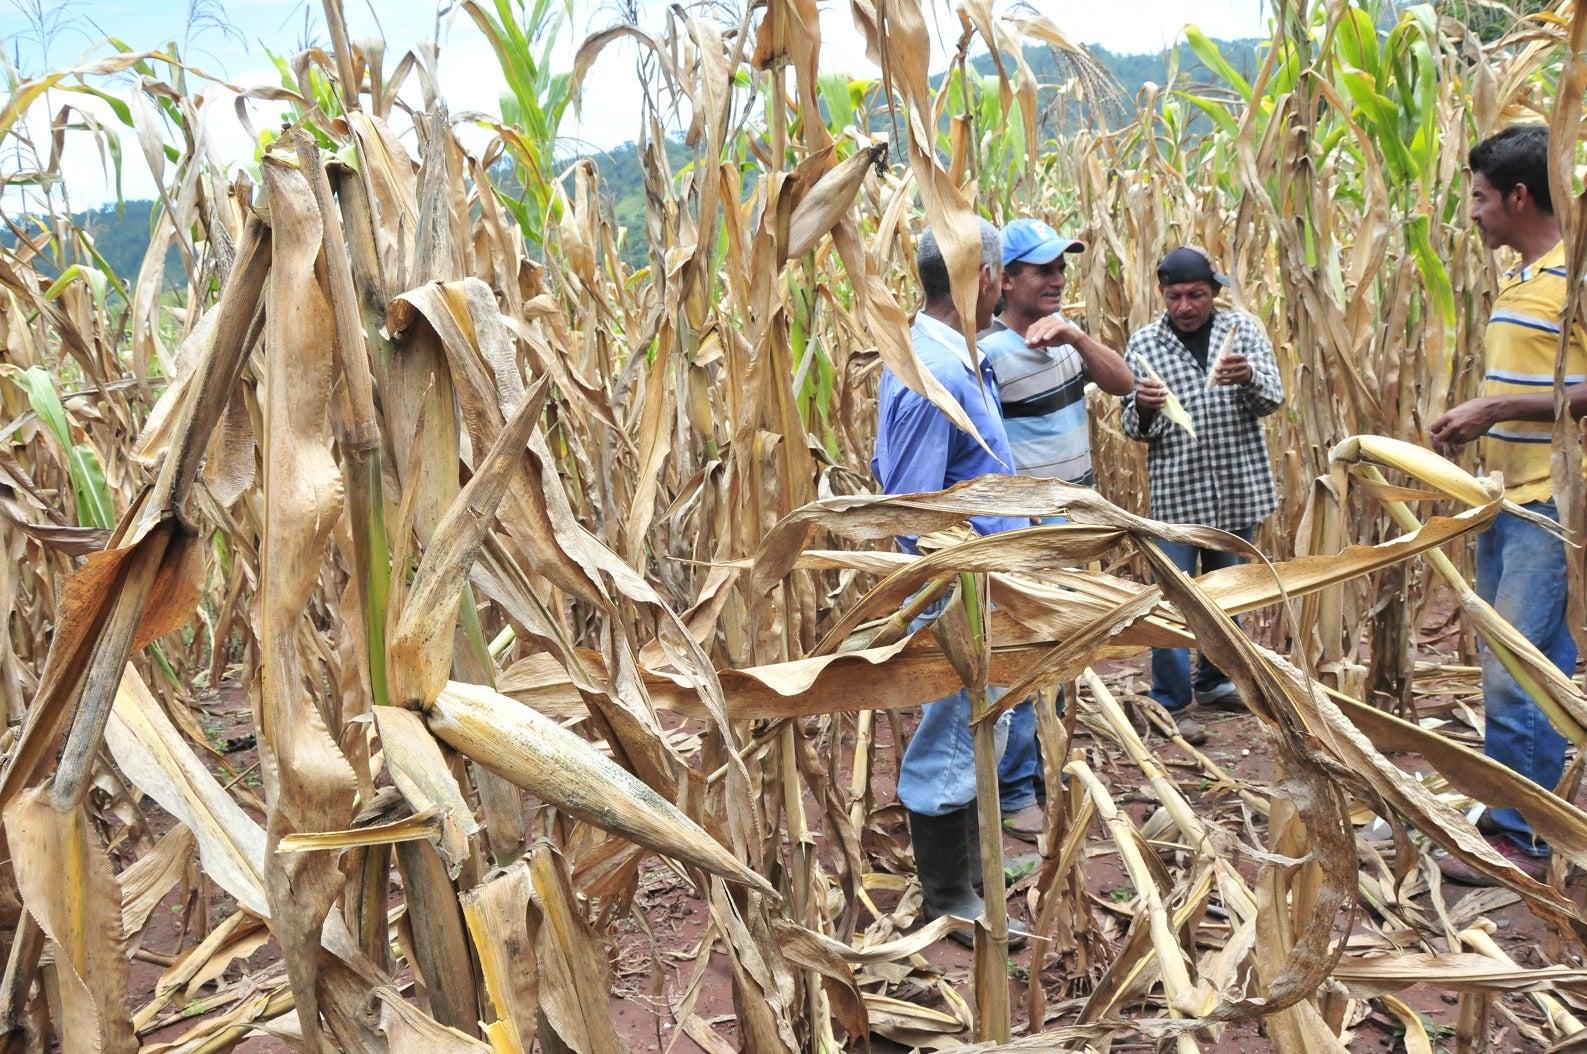 SAG capacitará agricultores en ventilaje de maíz, sorgo, y utilización de pasto